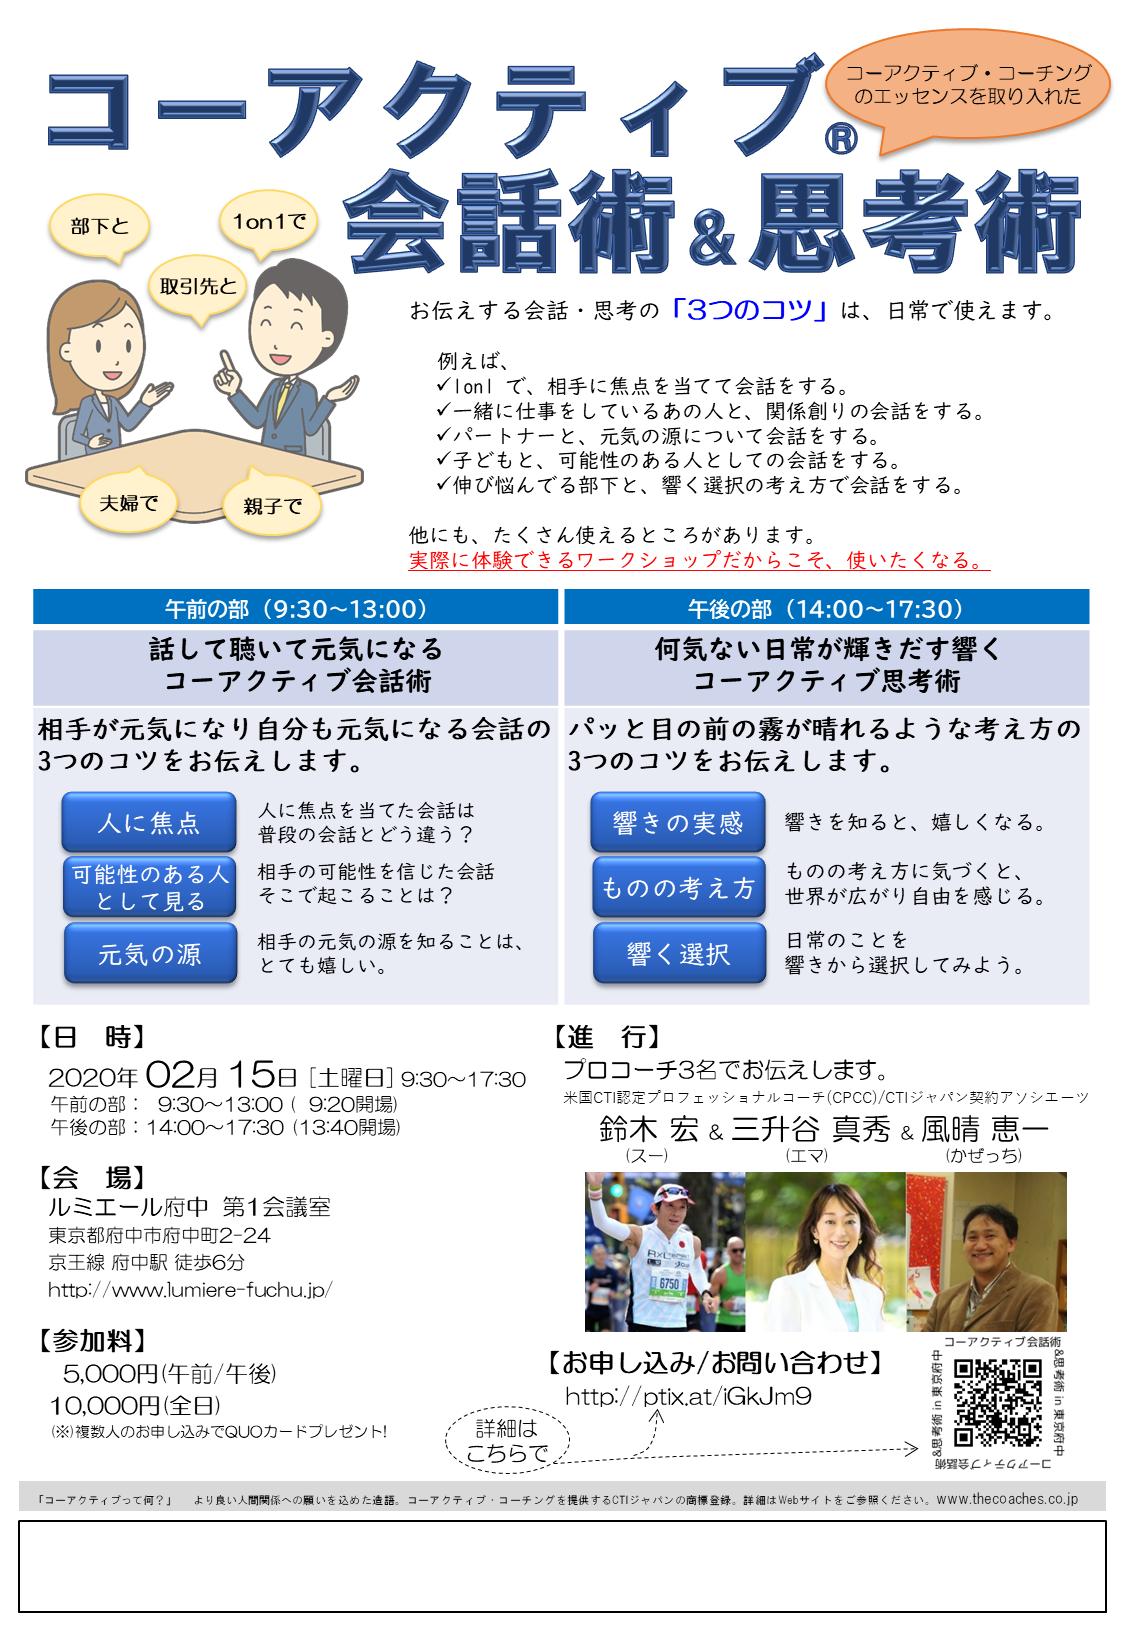 (2020/2/15)『コーアクティブ®会話術&思考術in府中』を開催します